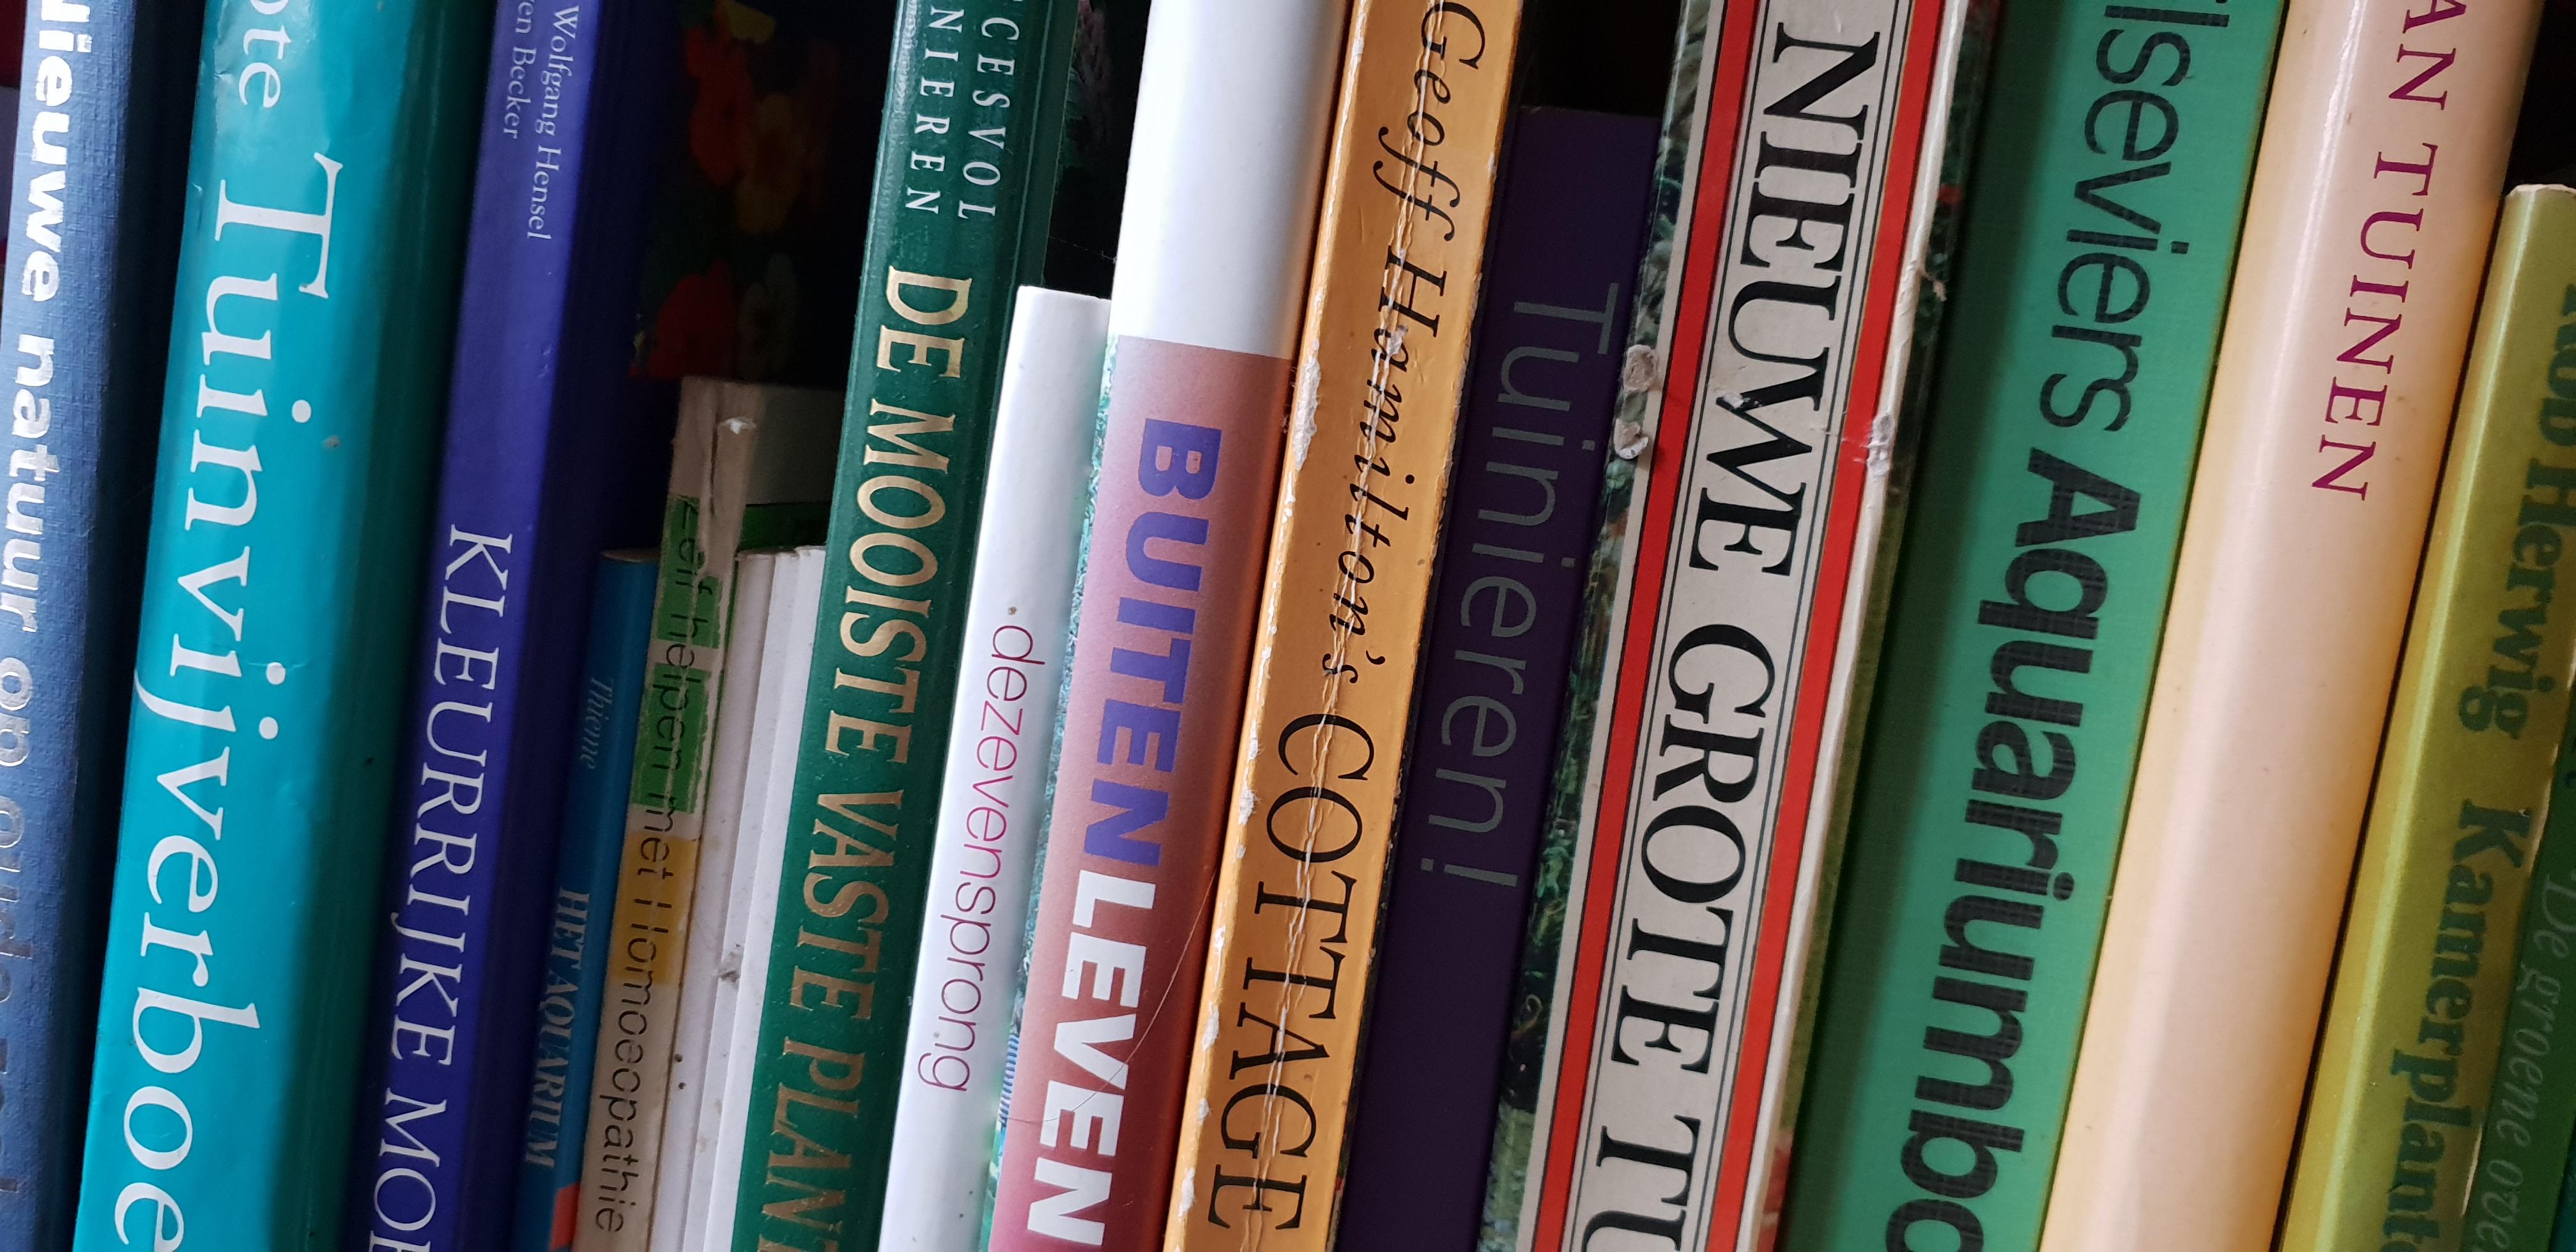 Oude planten boeken